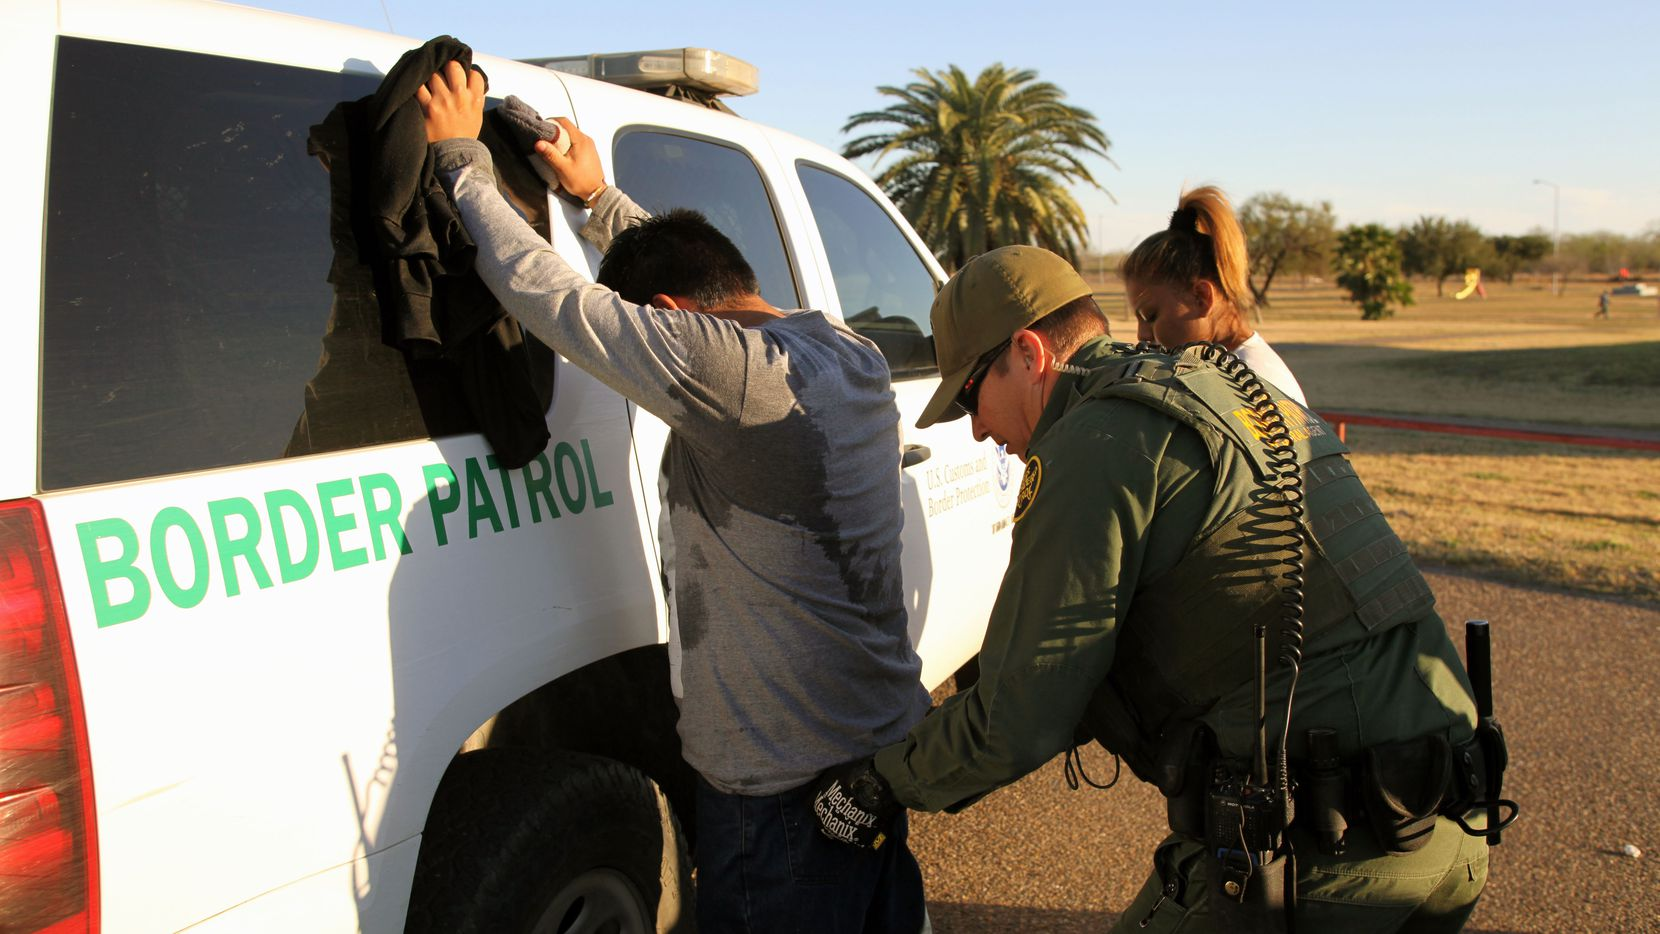 Agente de la Patrulla Fronteriza arresta a un inmigrante en la zona del Río GRande, al sur de Texas. GETTY IMAGES